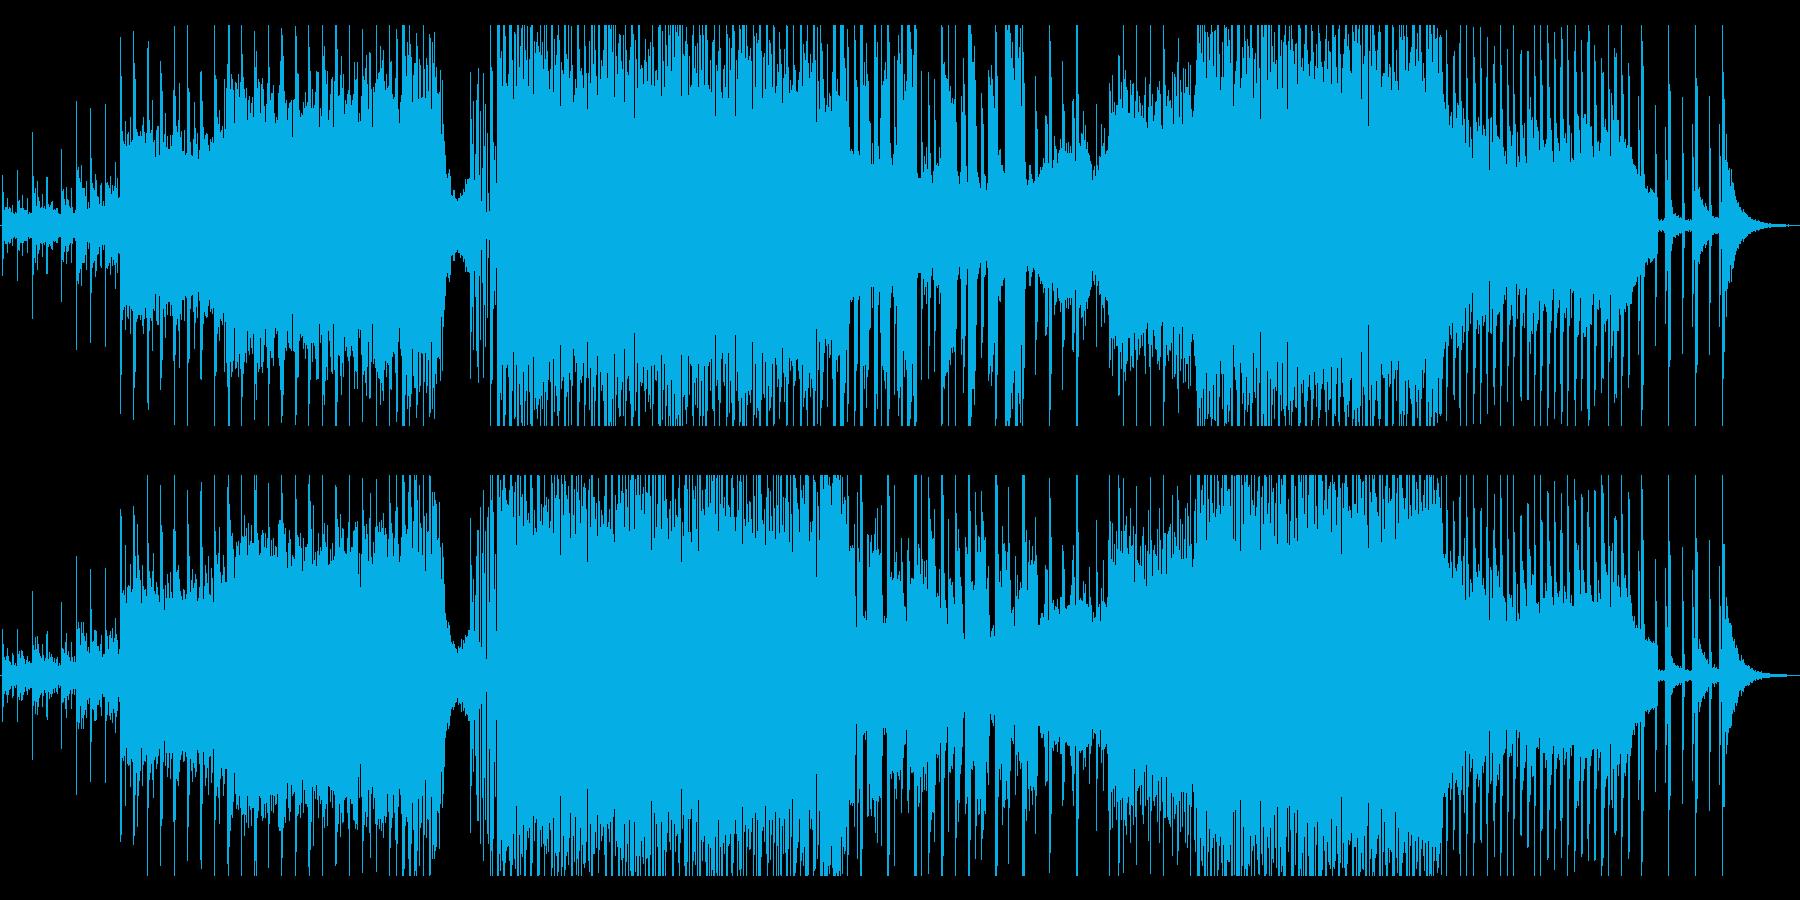 パッヘルベル カノンEDMアレンジの再生済みの波形